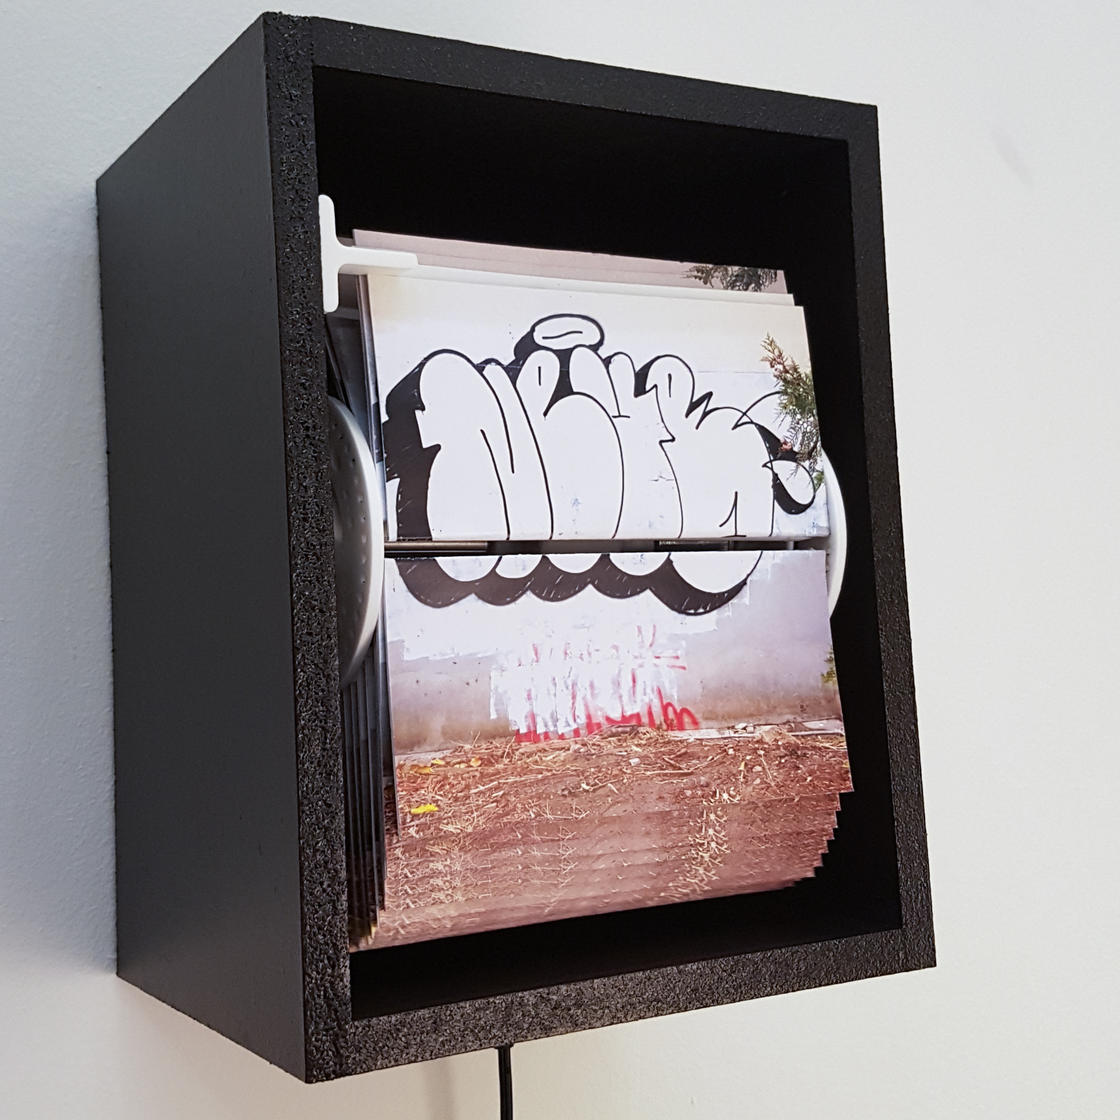 perpetual-vandal-box-parse-error-loqueva (6)